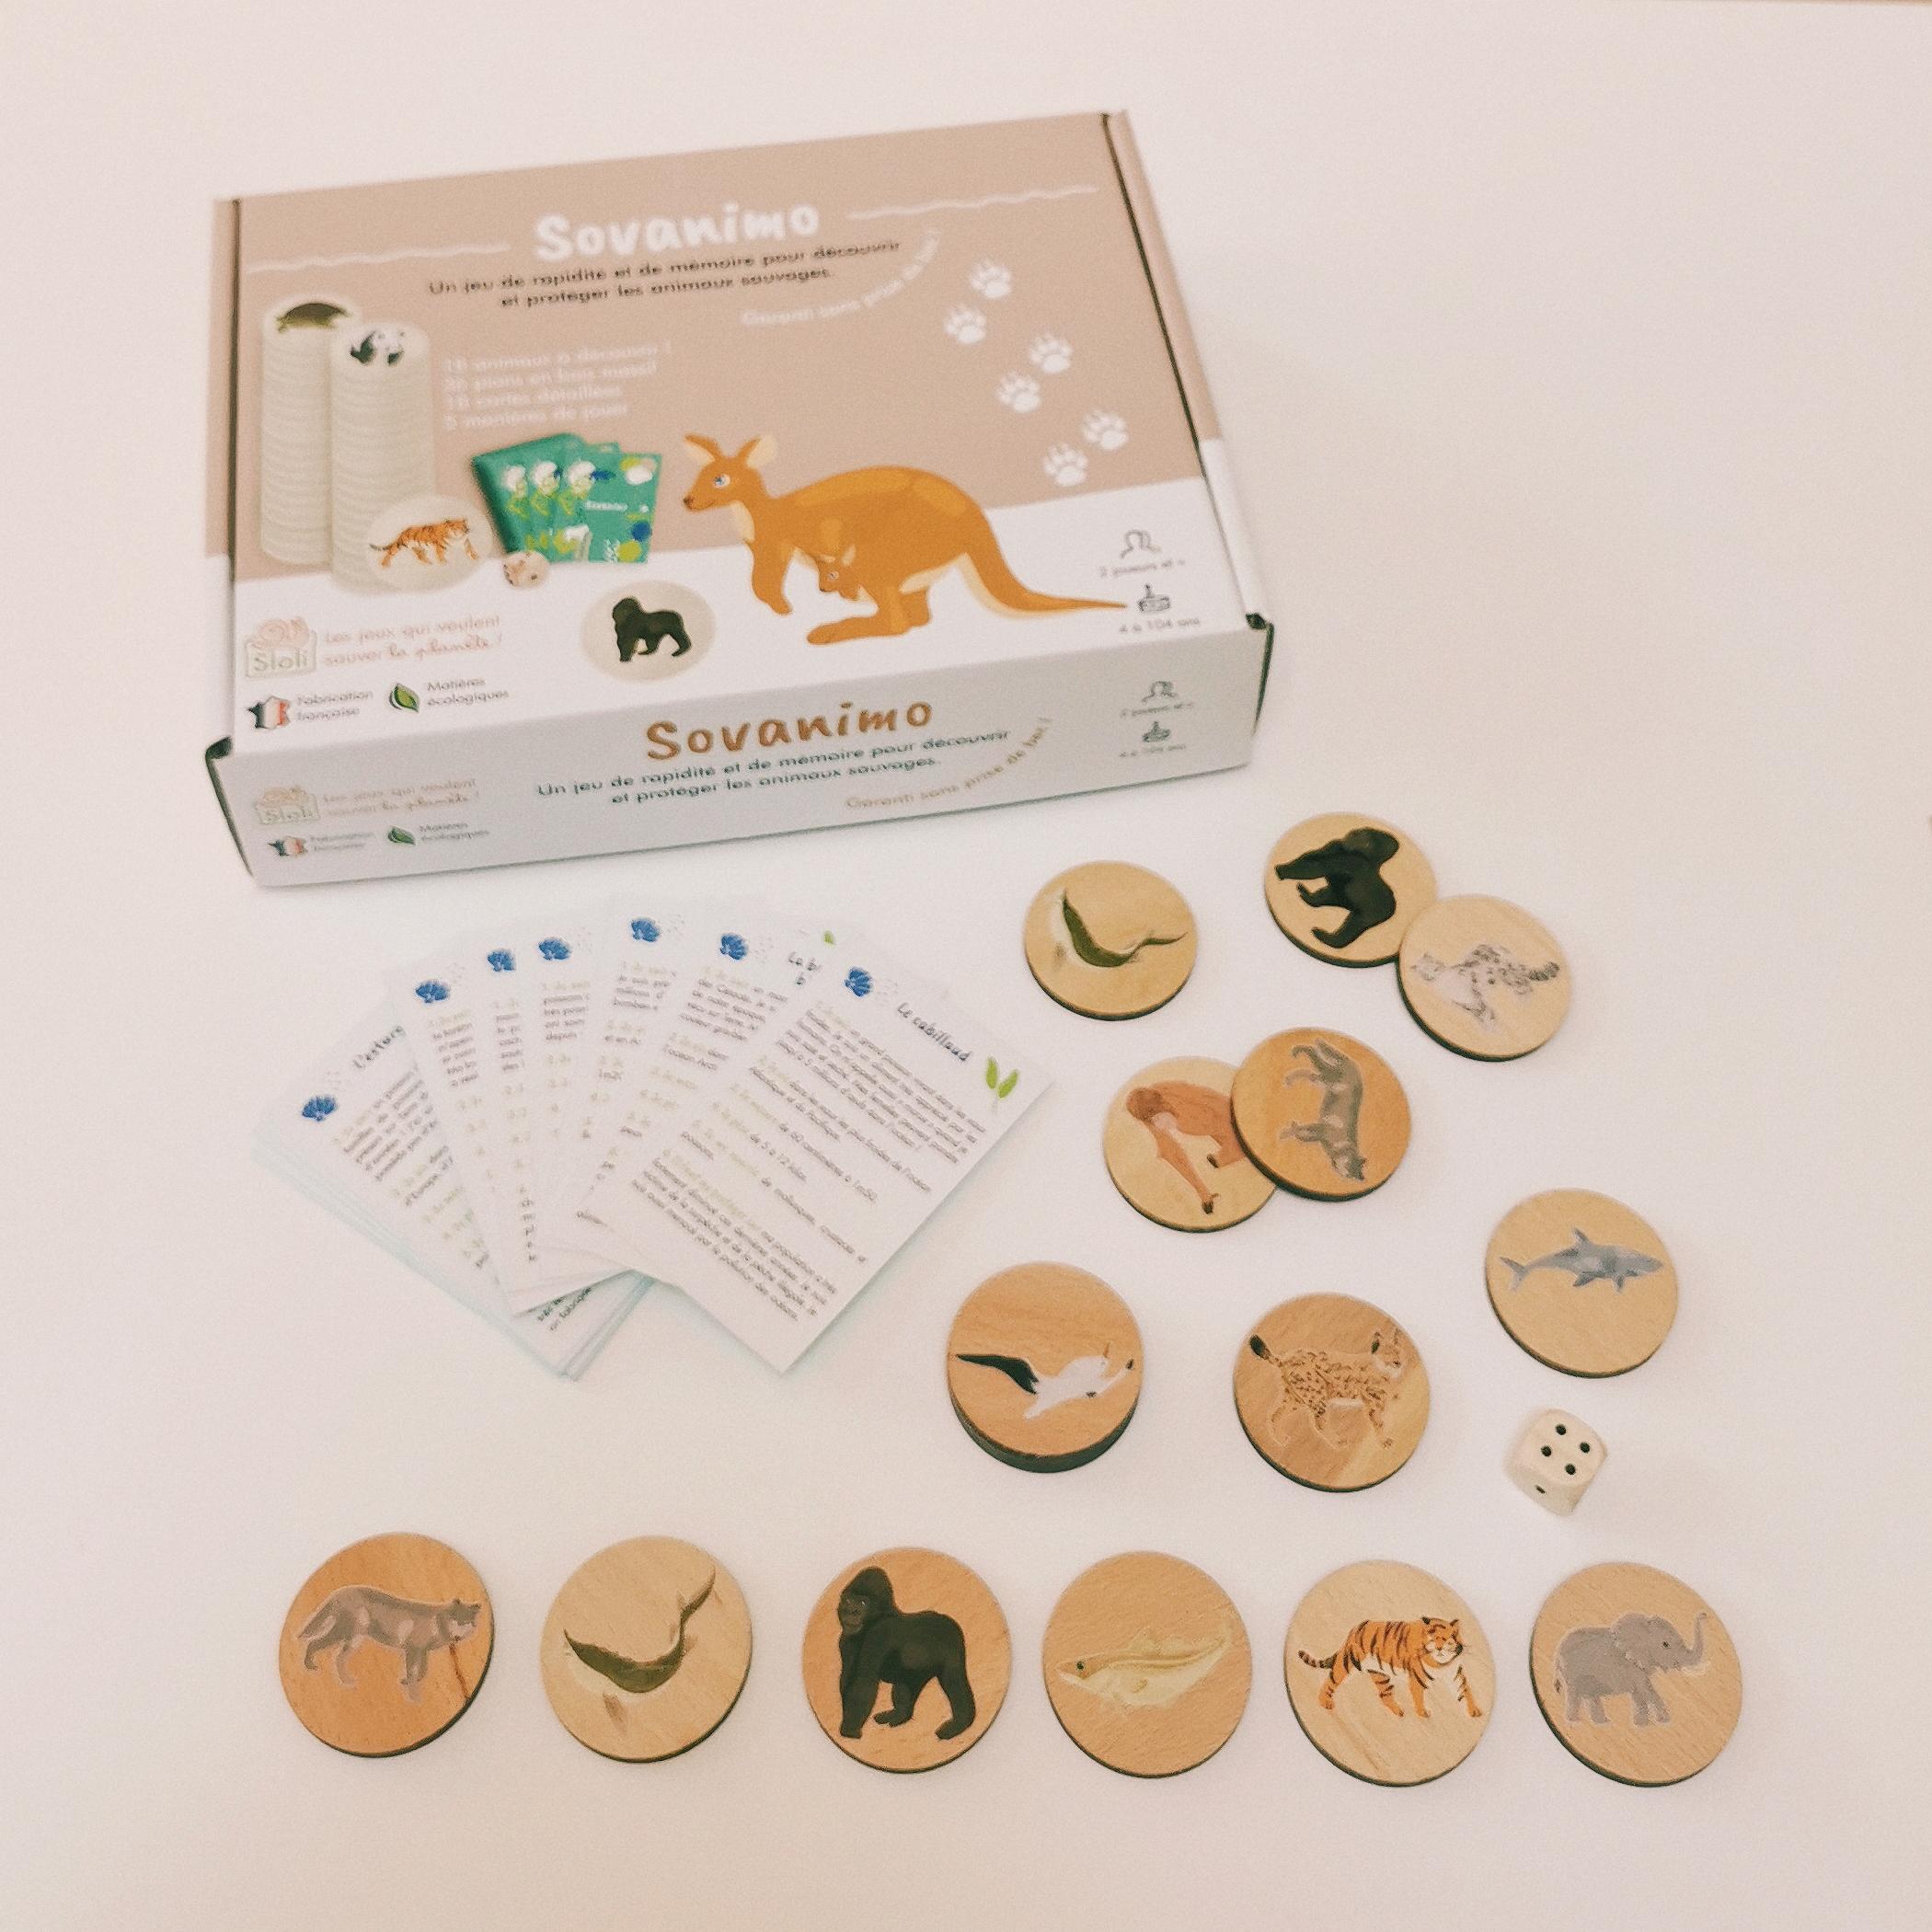 Sovanimo jeu de mémoire en bois à partir de 4 ans